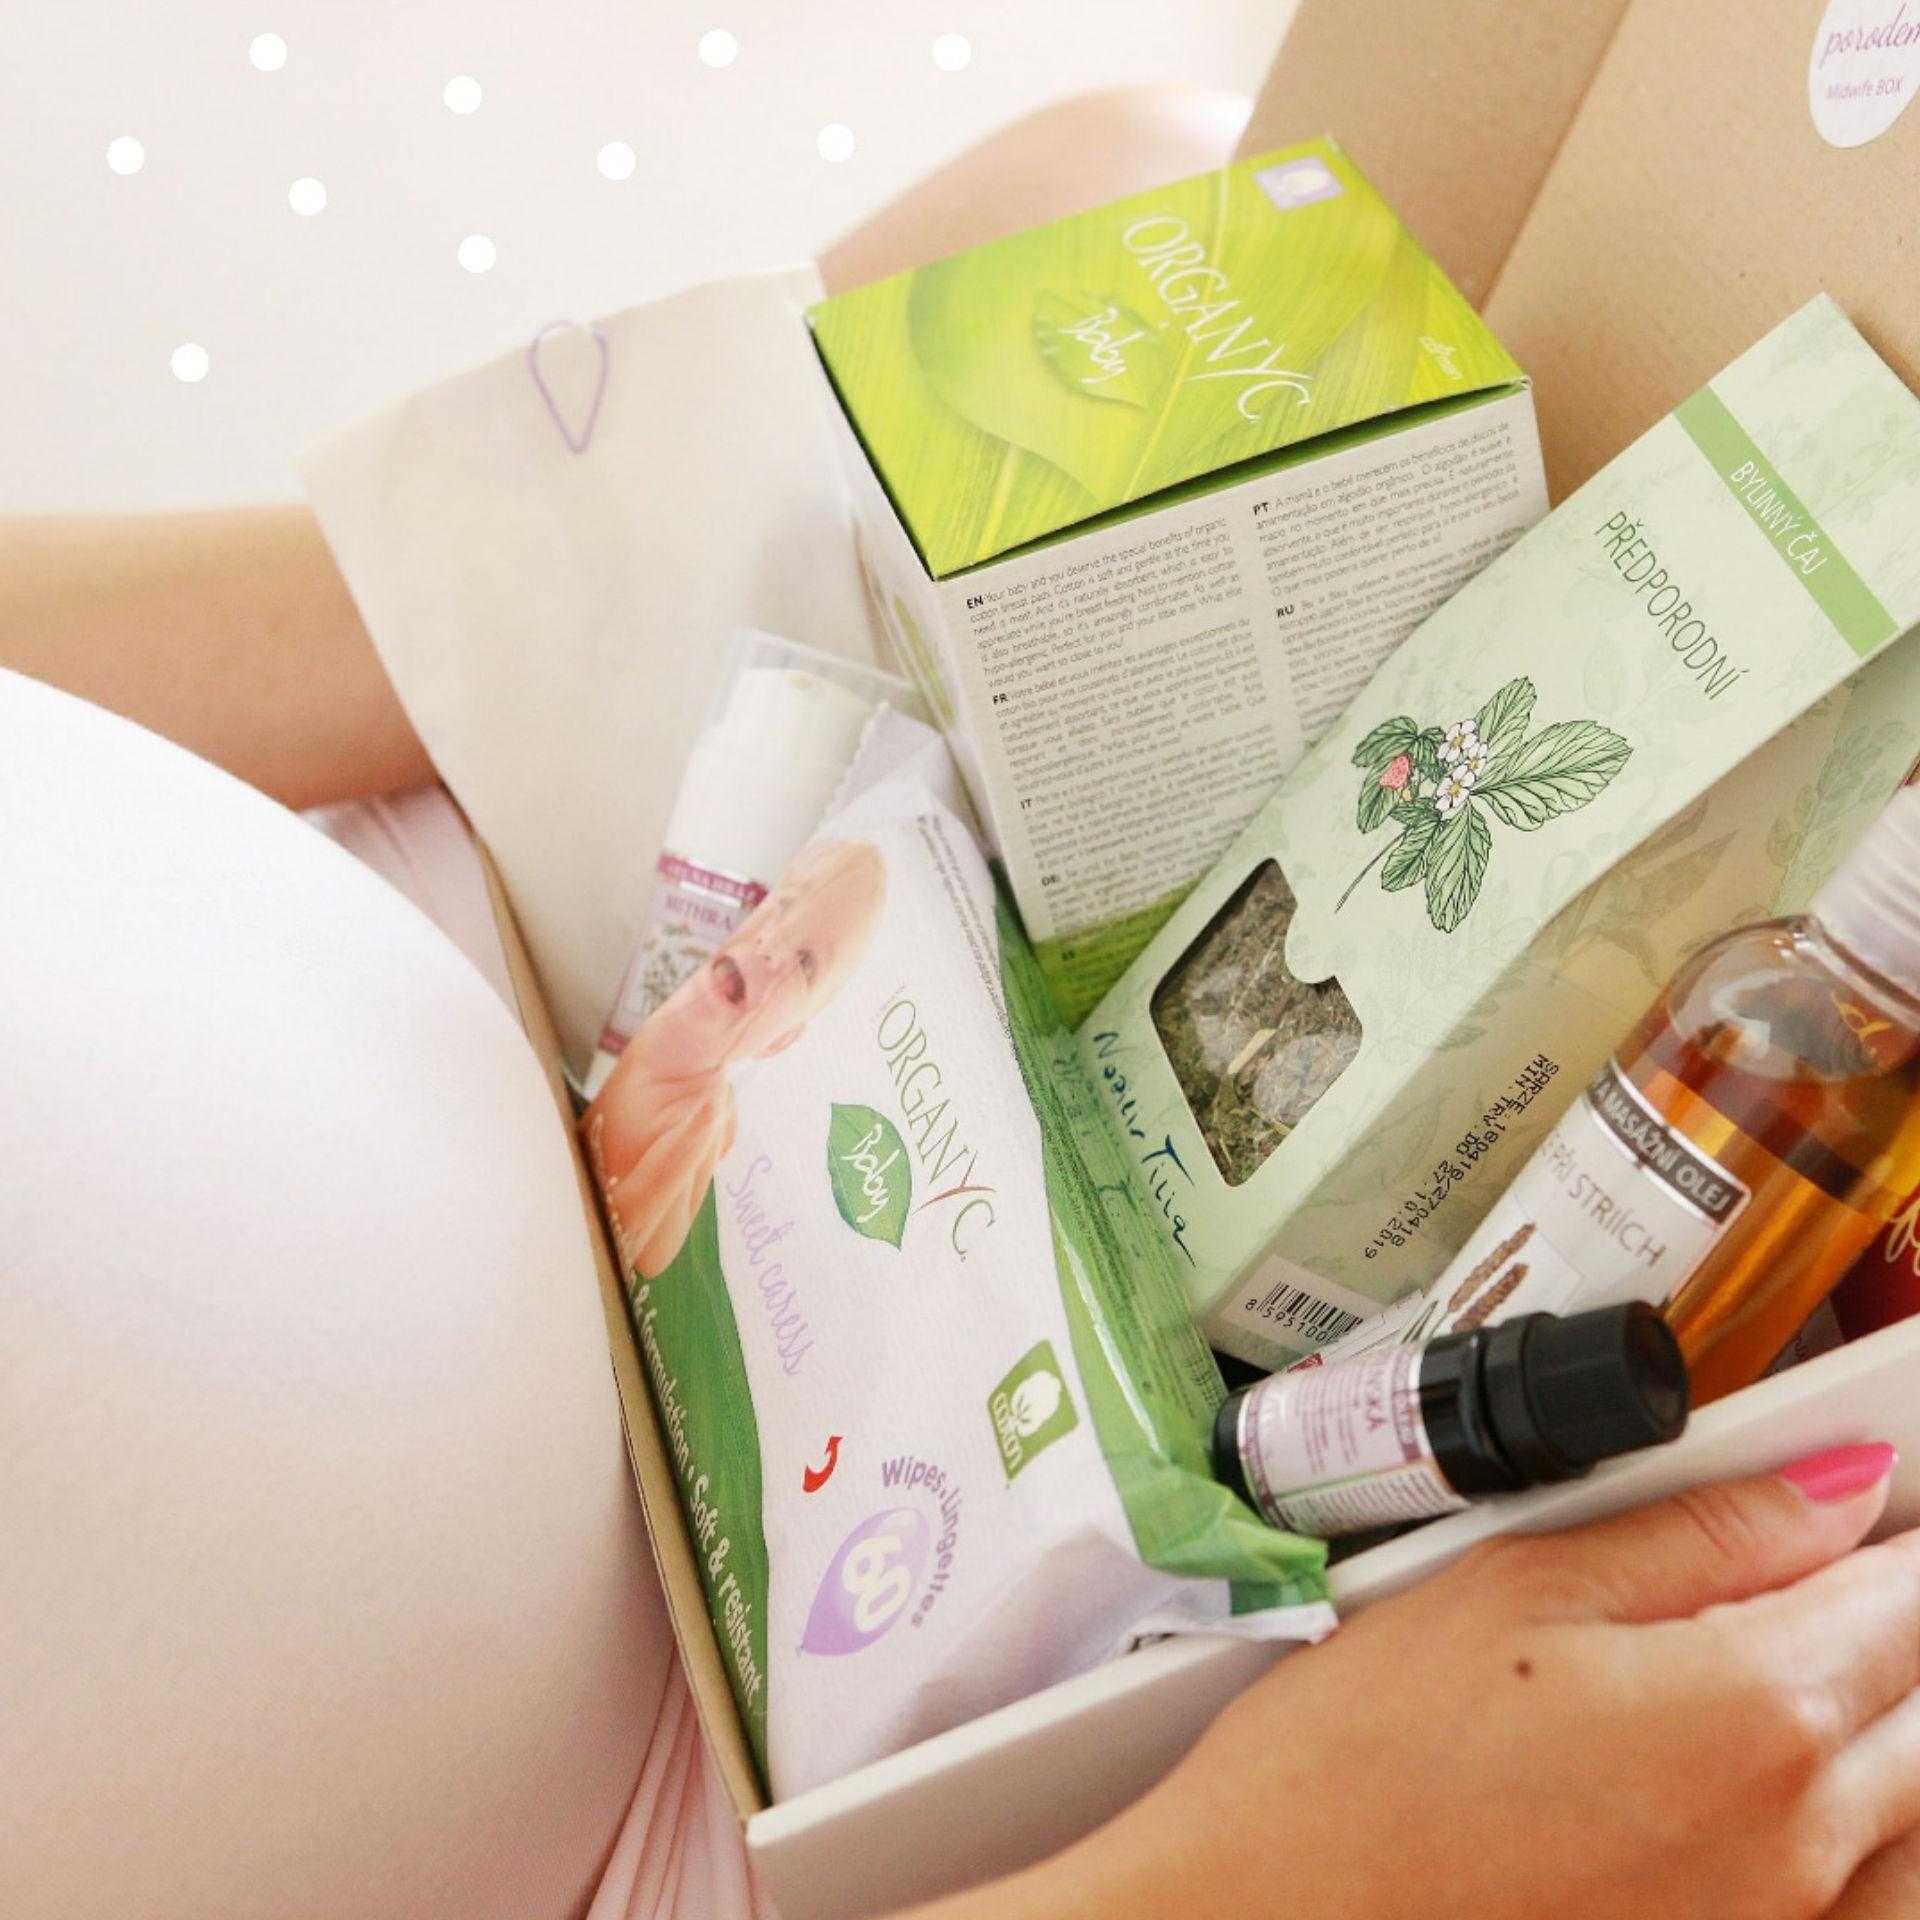 Co dát těhotné - Midwife box dárek